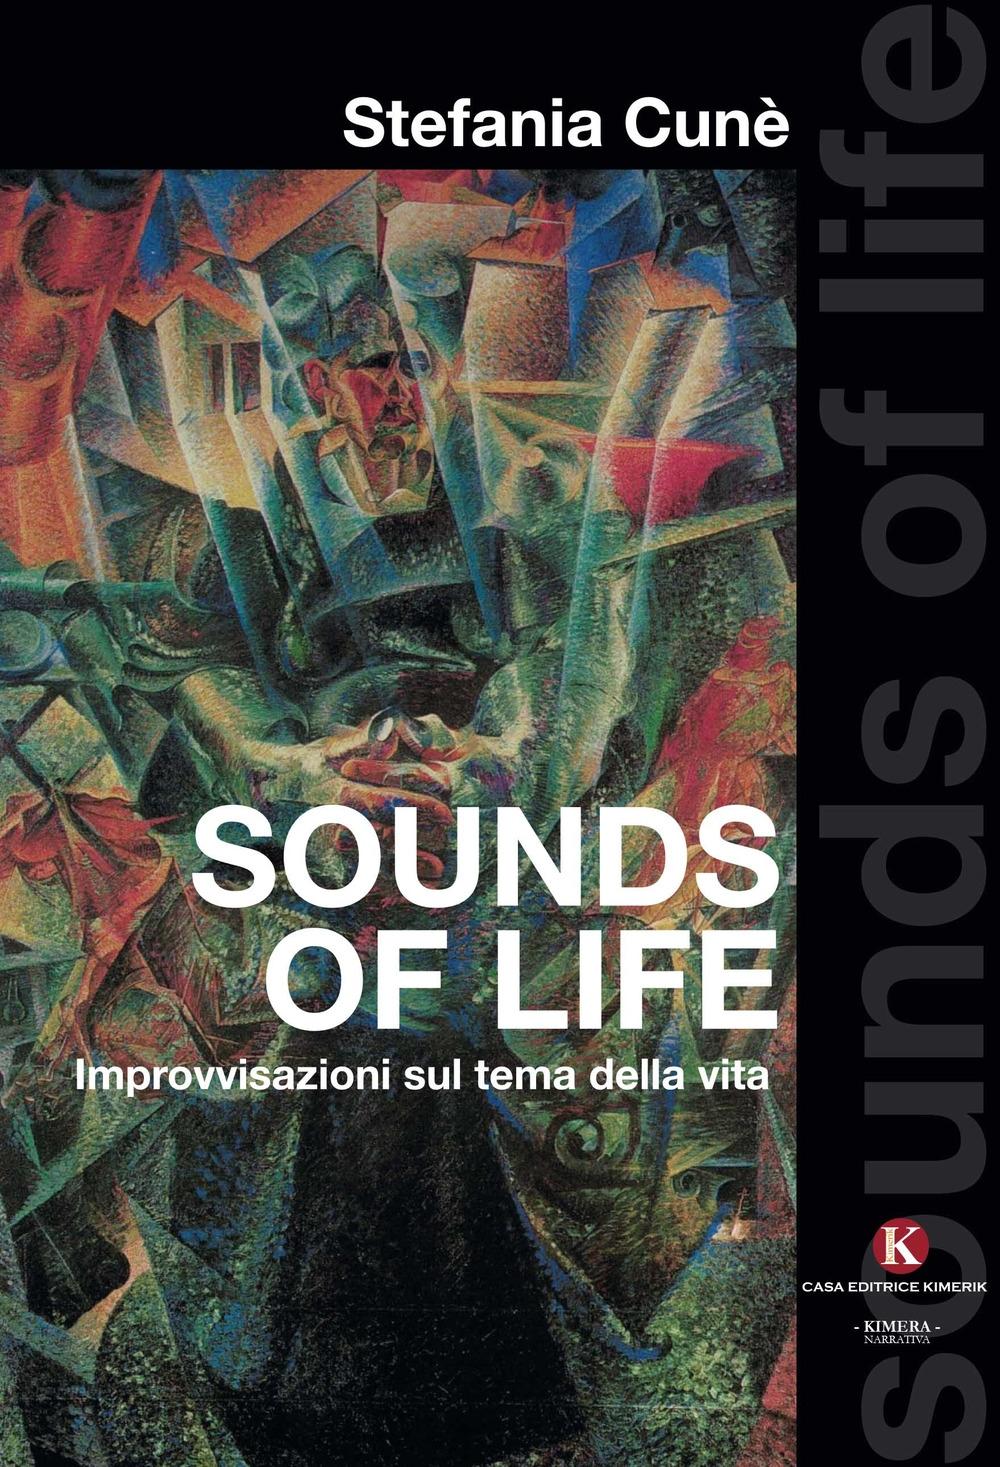 Sounds of life. Improvvisazioni sul tema della vita